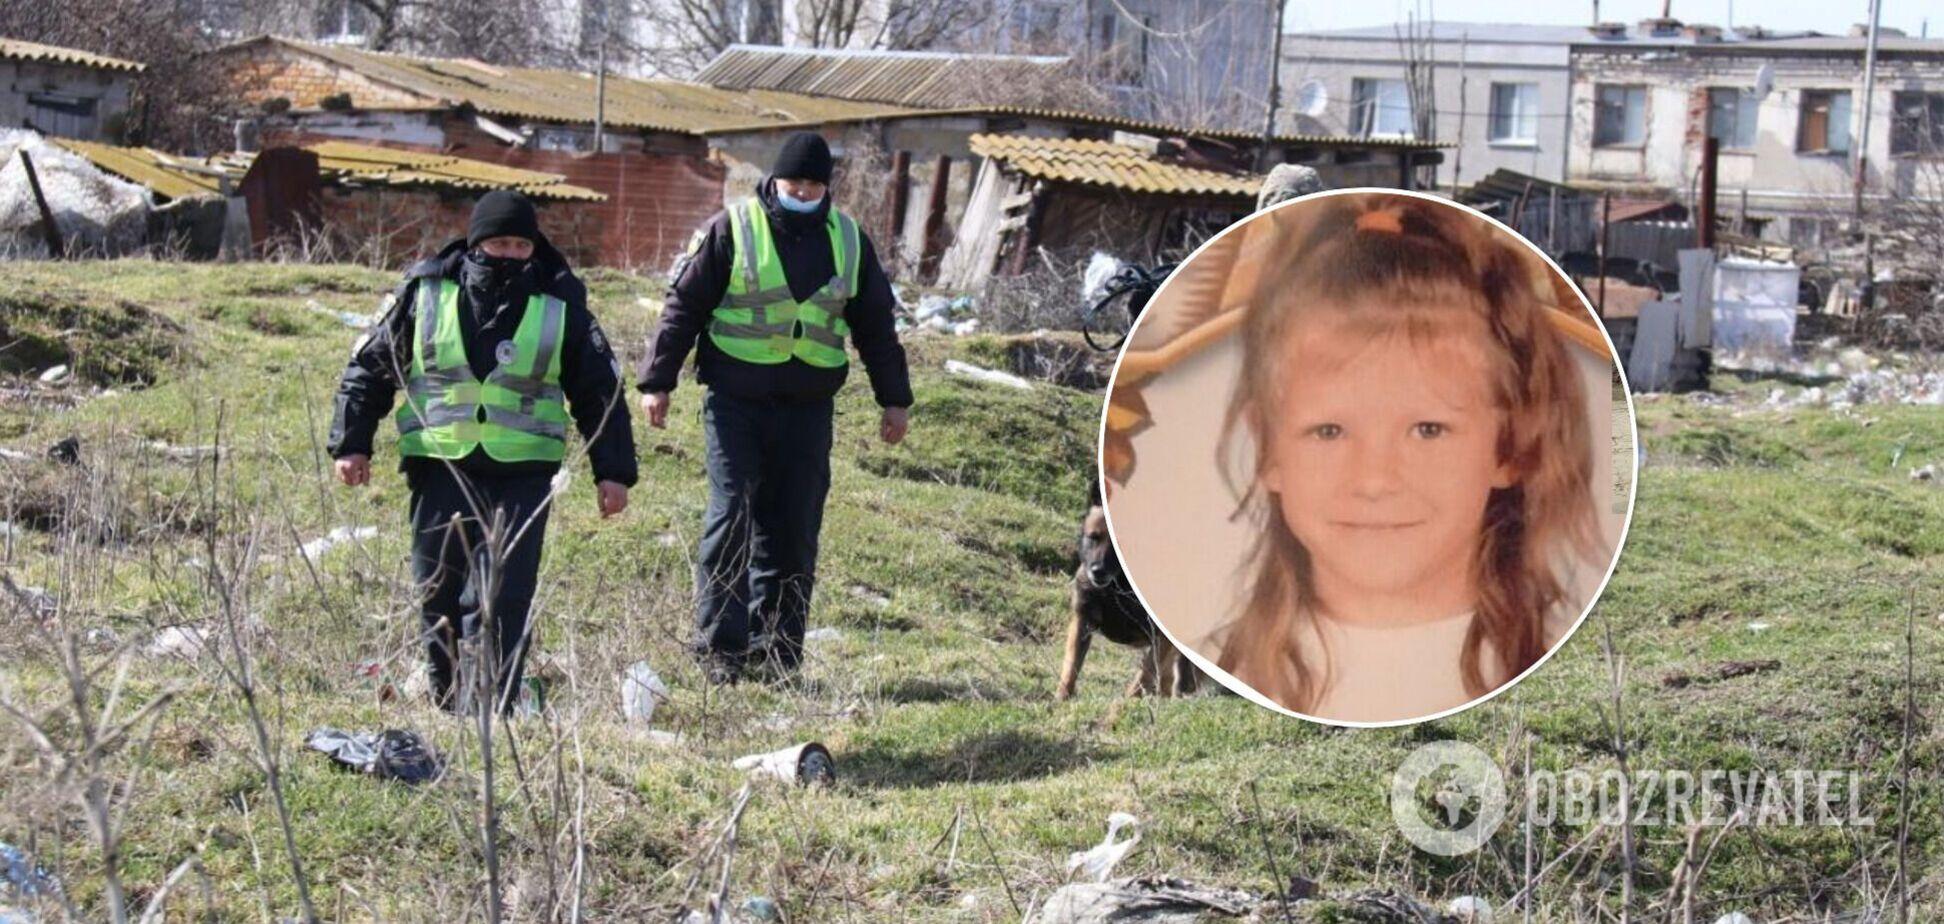 Убийство Маши Борисовой: в полиции заявили о возможном изнасиловании